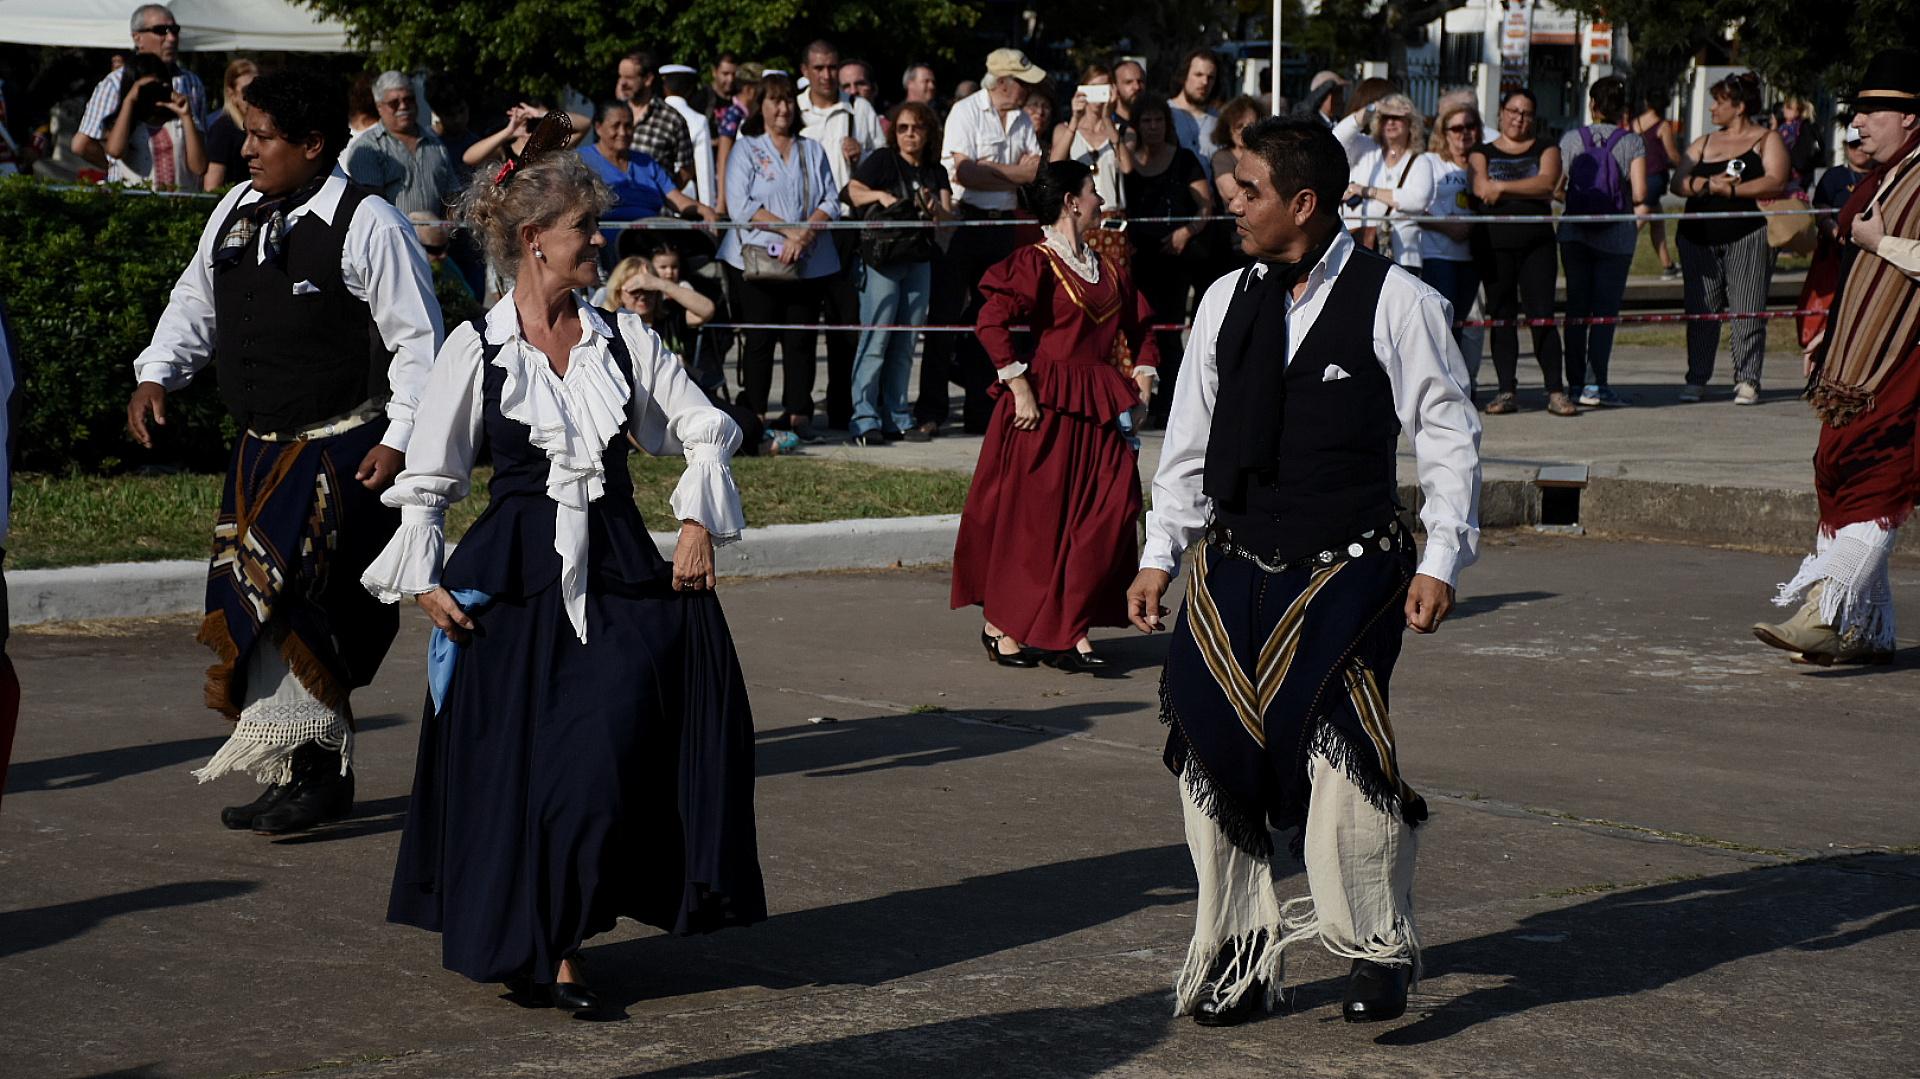 Como invitados especiales dieron el presente la banda de Música de la Policía CABA, que interpretó el Himno Nacional y la marcha de Malvinas entre otras piezas patrias